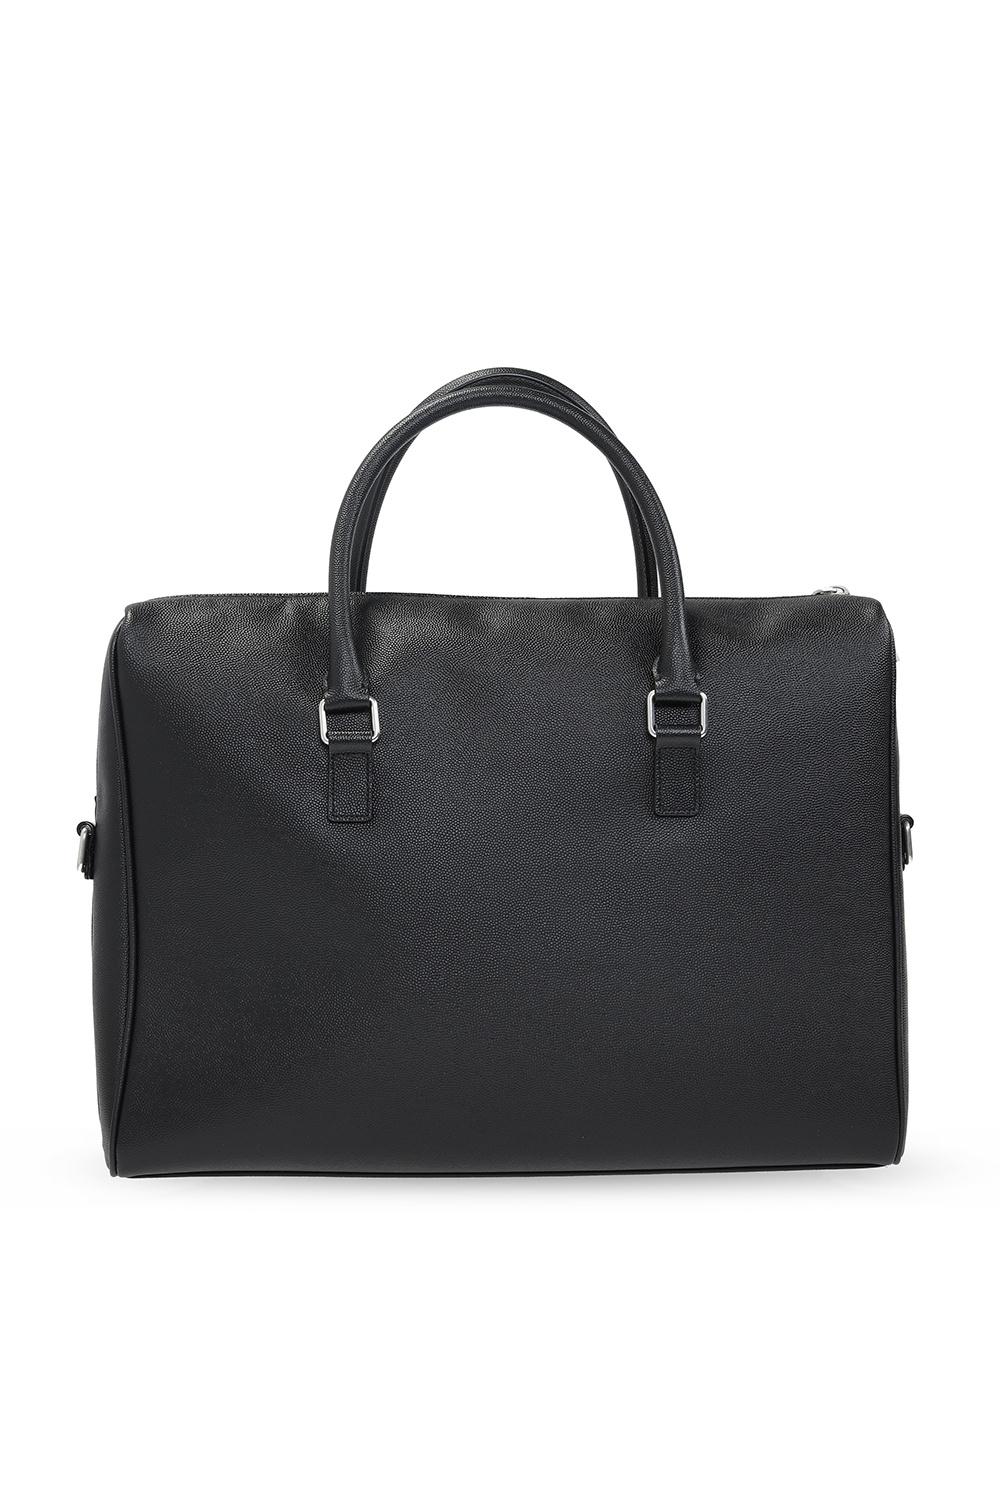 Saint Laurent Leather briefcase